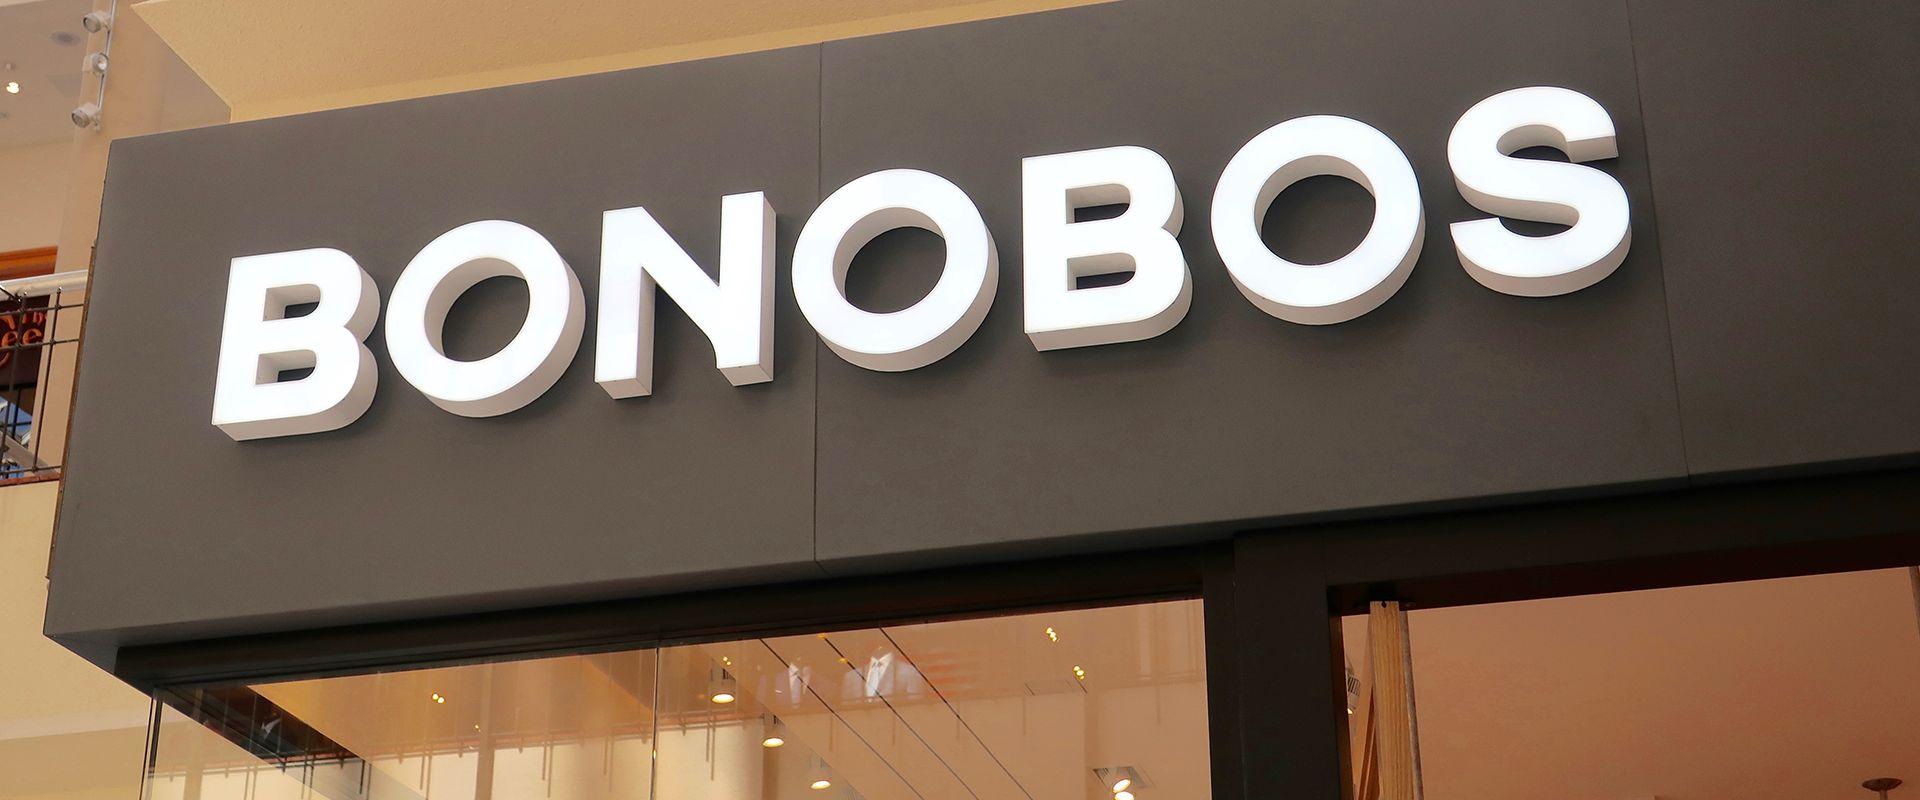 bonobos / צילום: שאטרסטוק